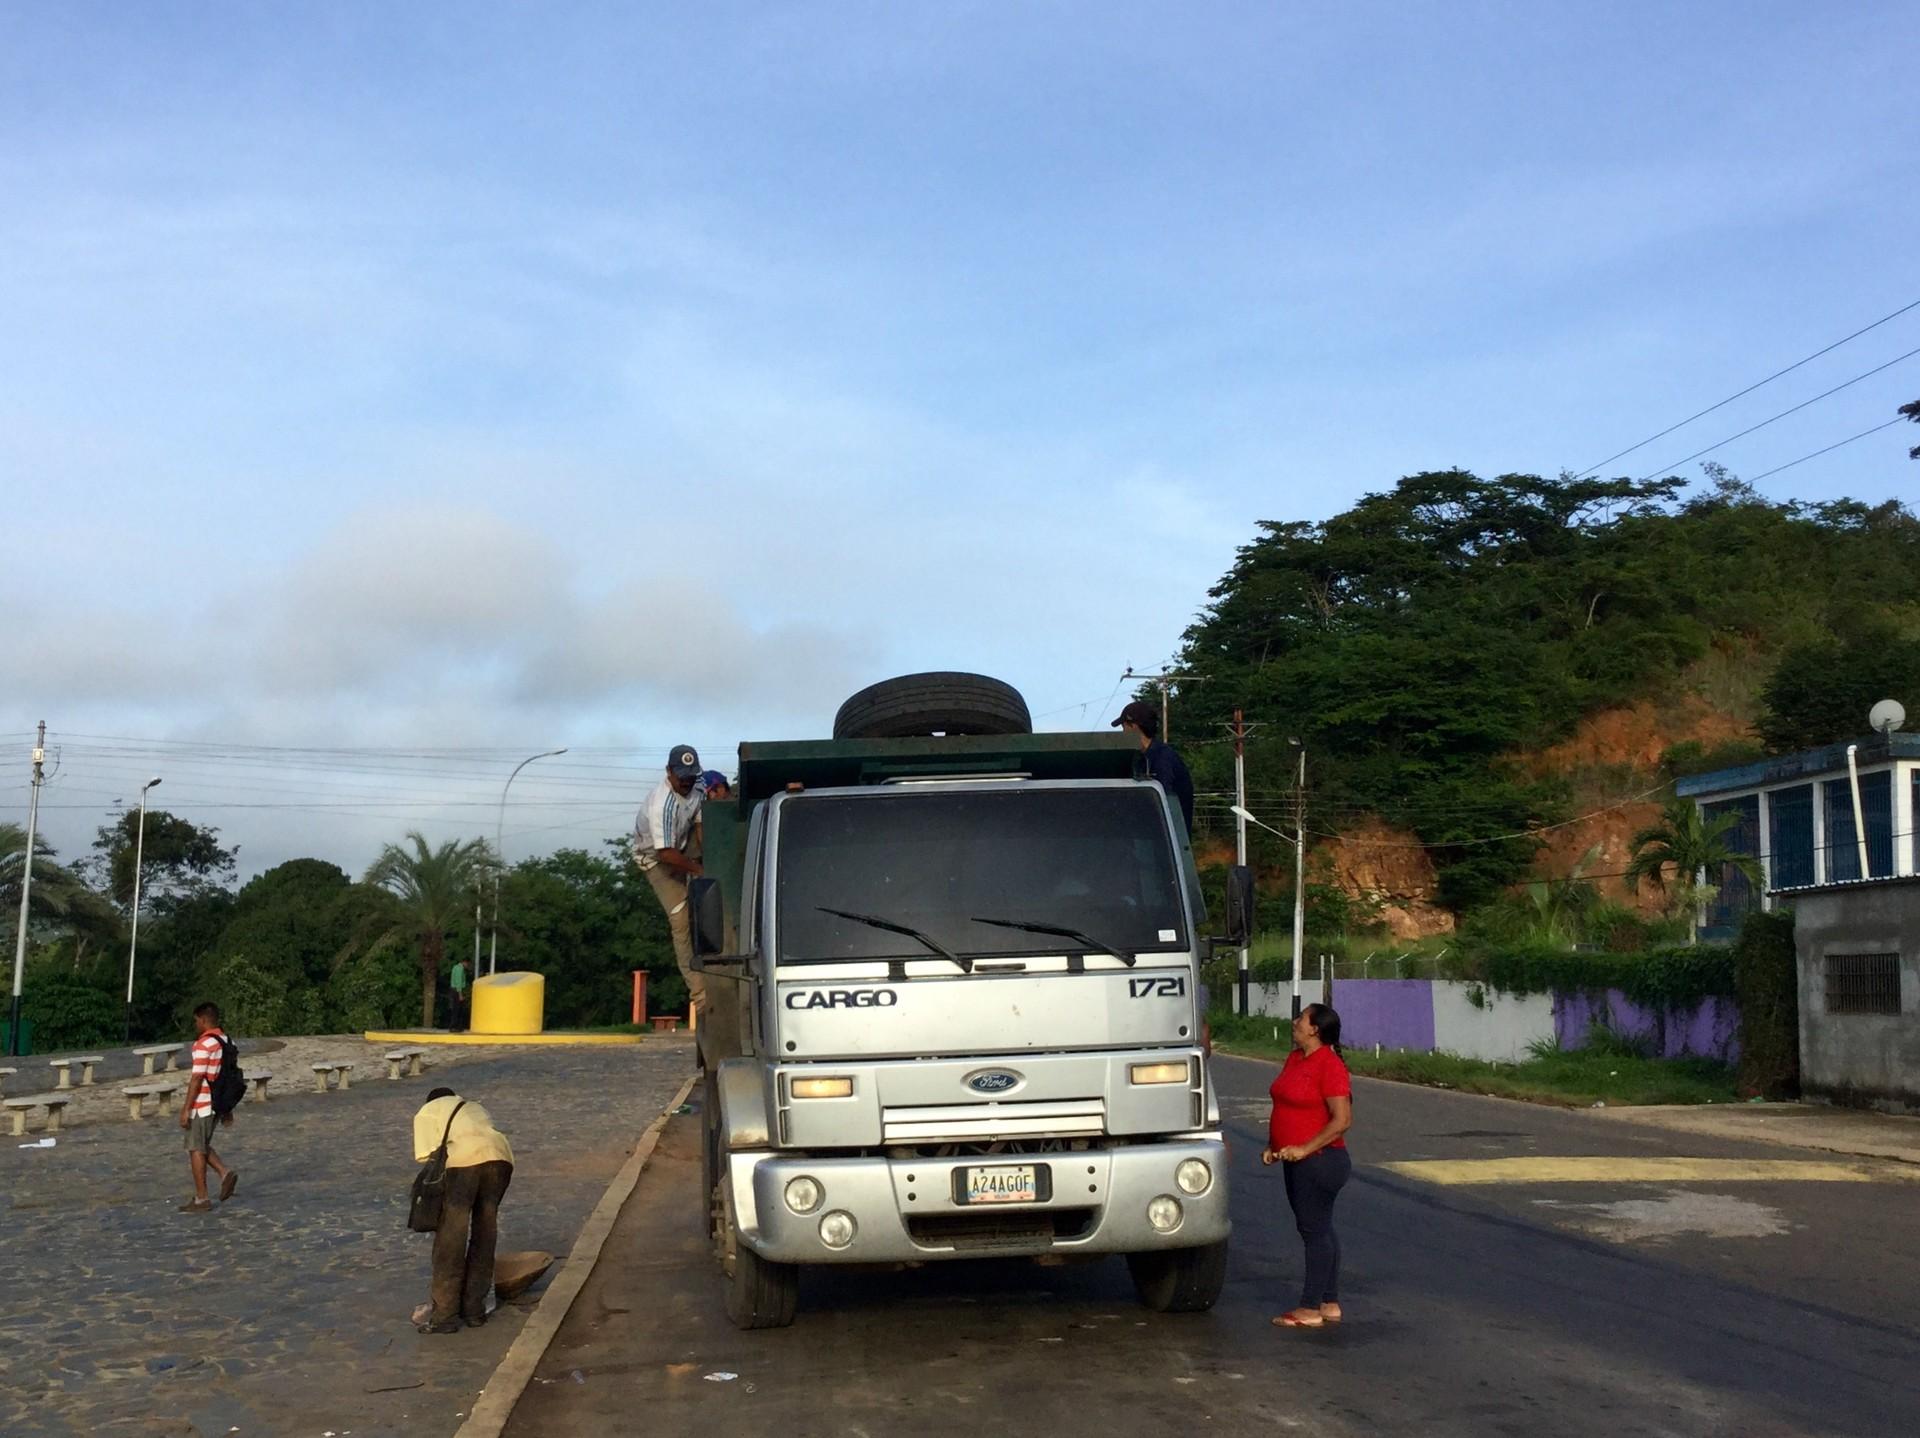 Un camión se apuesta en la entrada del pueblo a dejar mineros y recoger a otros que emprenden su viaje a los yacimientos de oro de la zona.